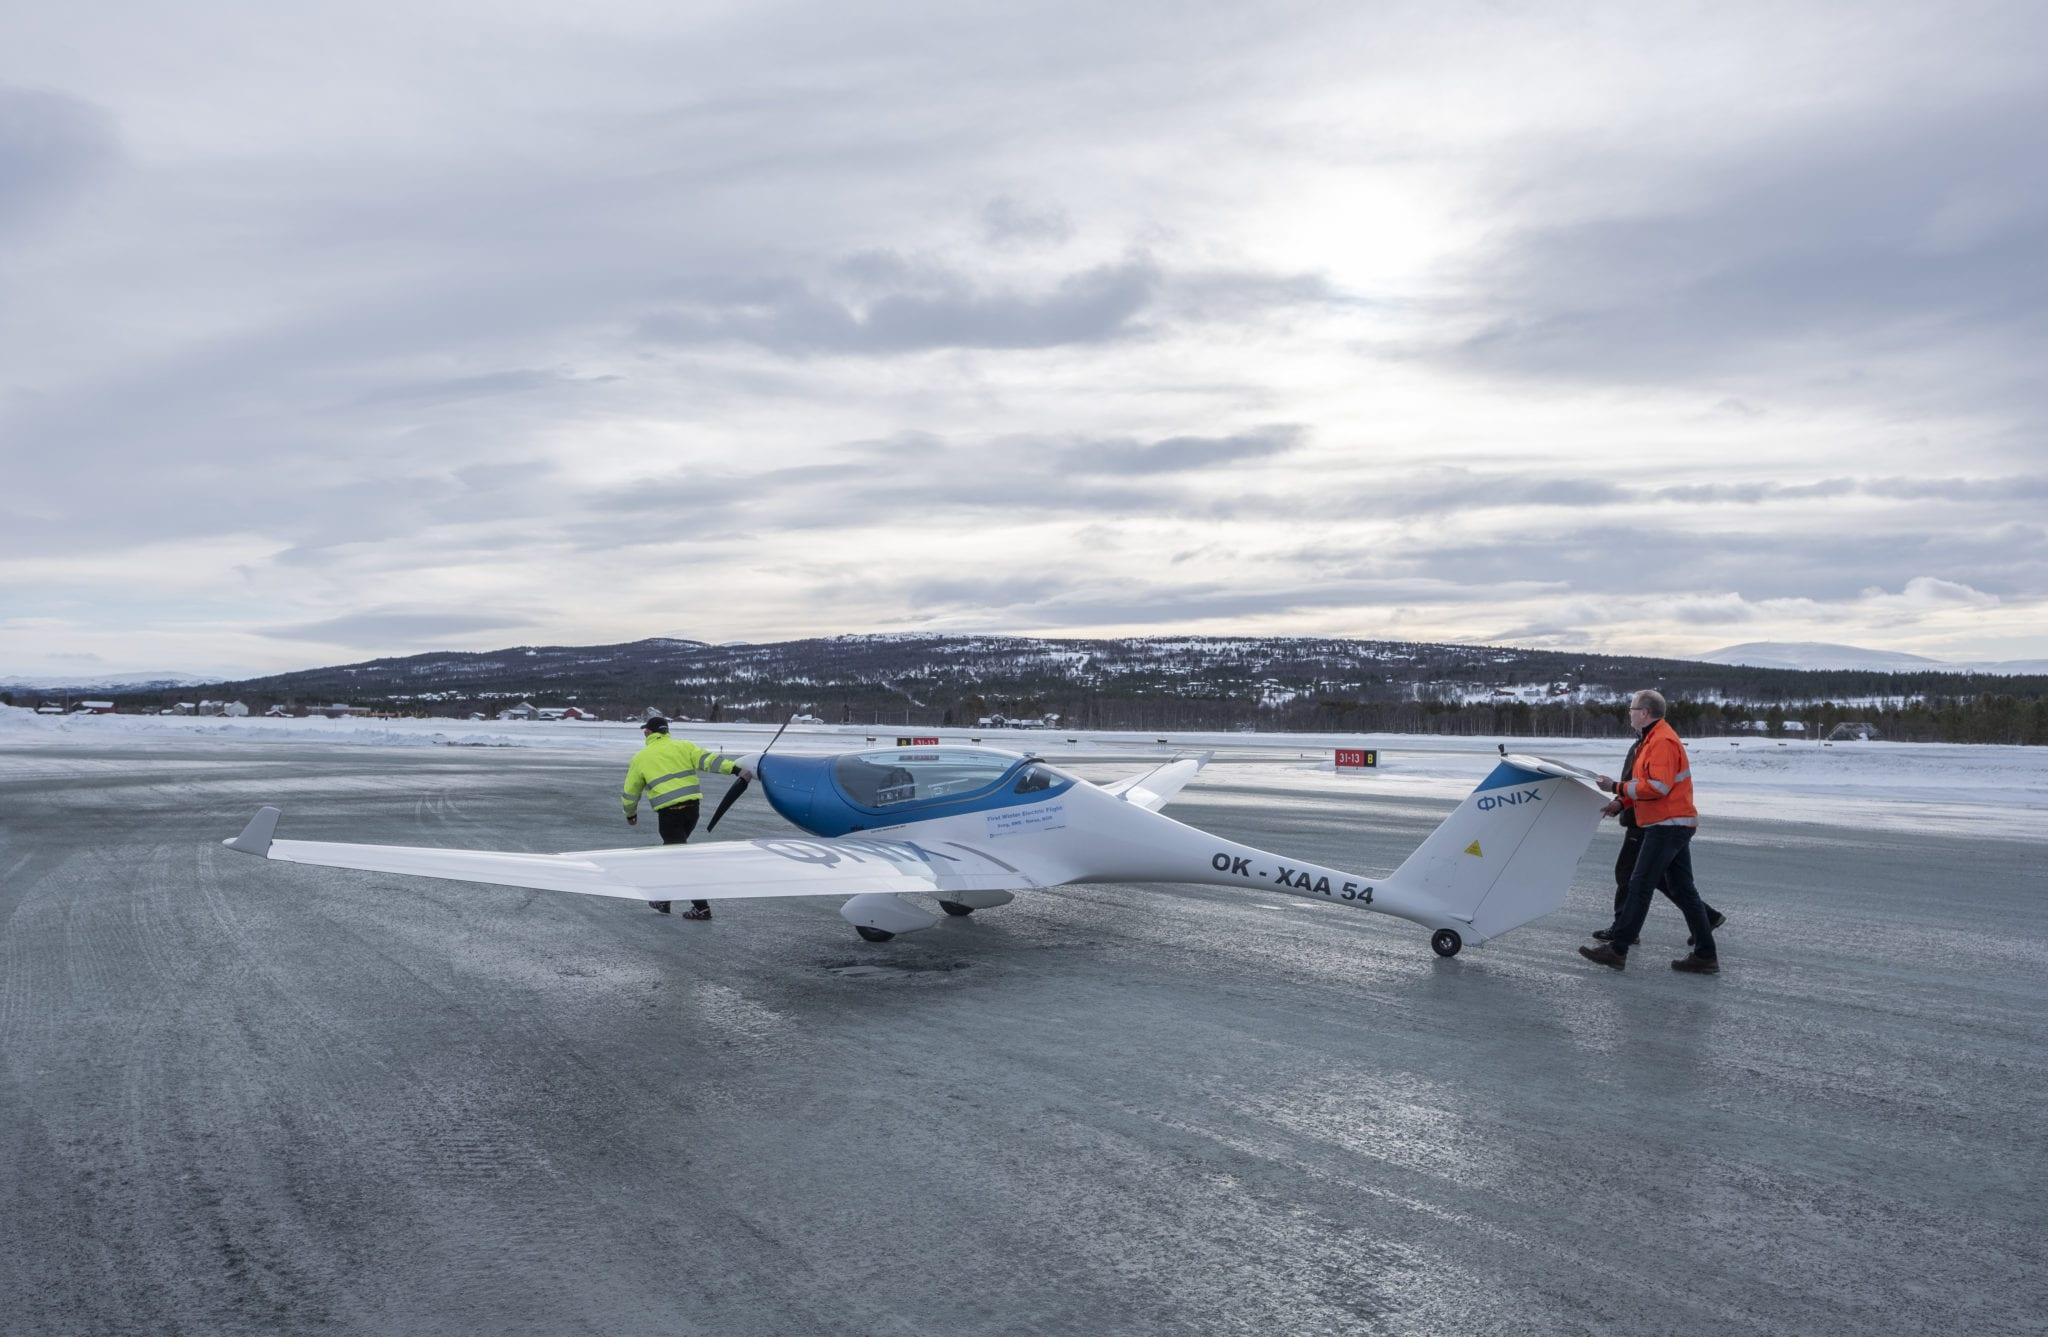 Verdens første grensekryssende vinterflygning med el-fly landet på Røros lufthavn den 18.2. Foto: Kurt Näslund